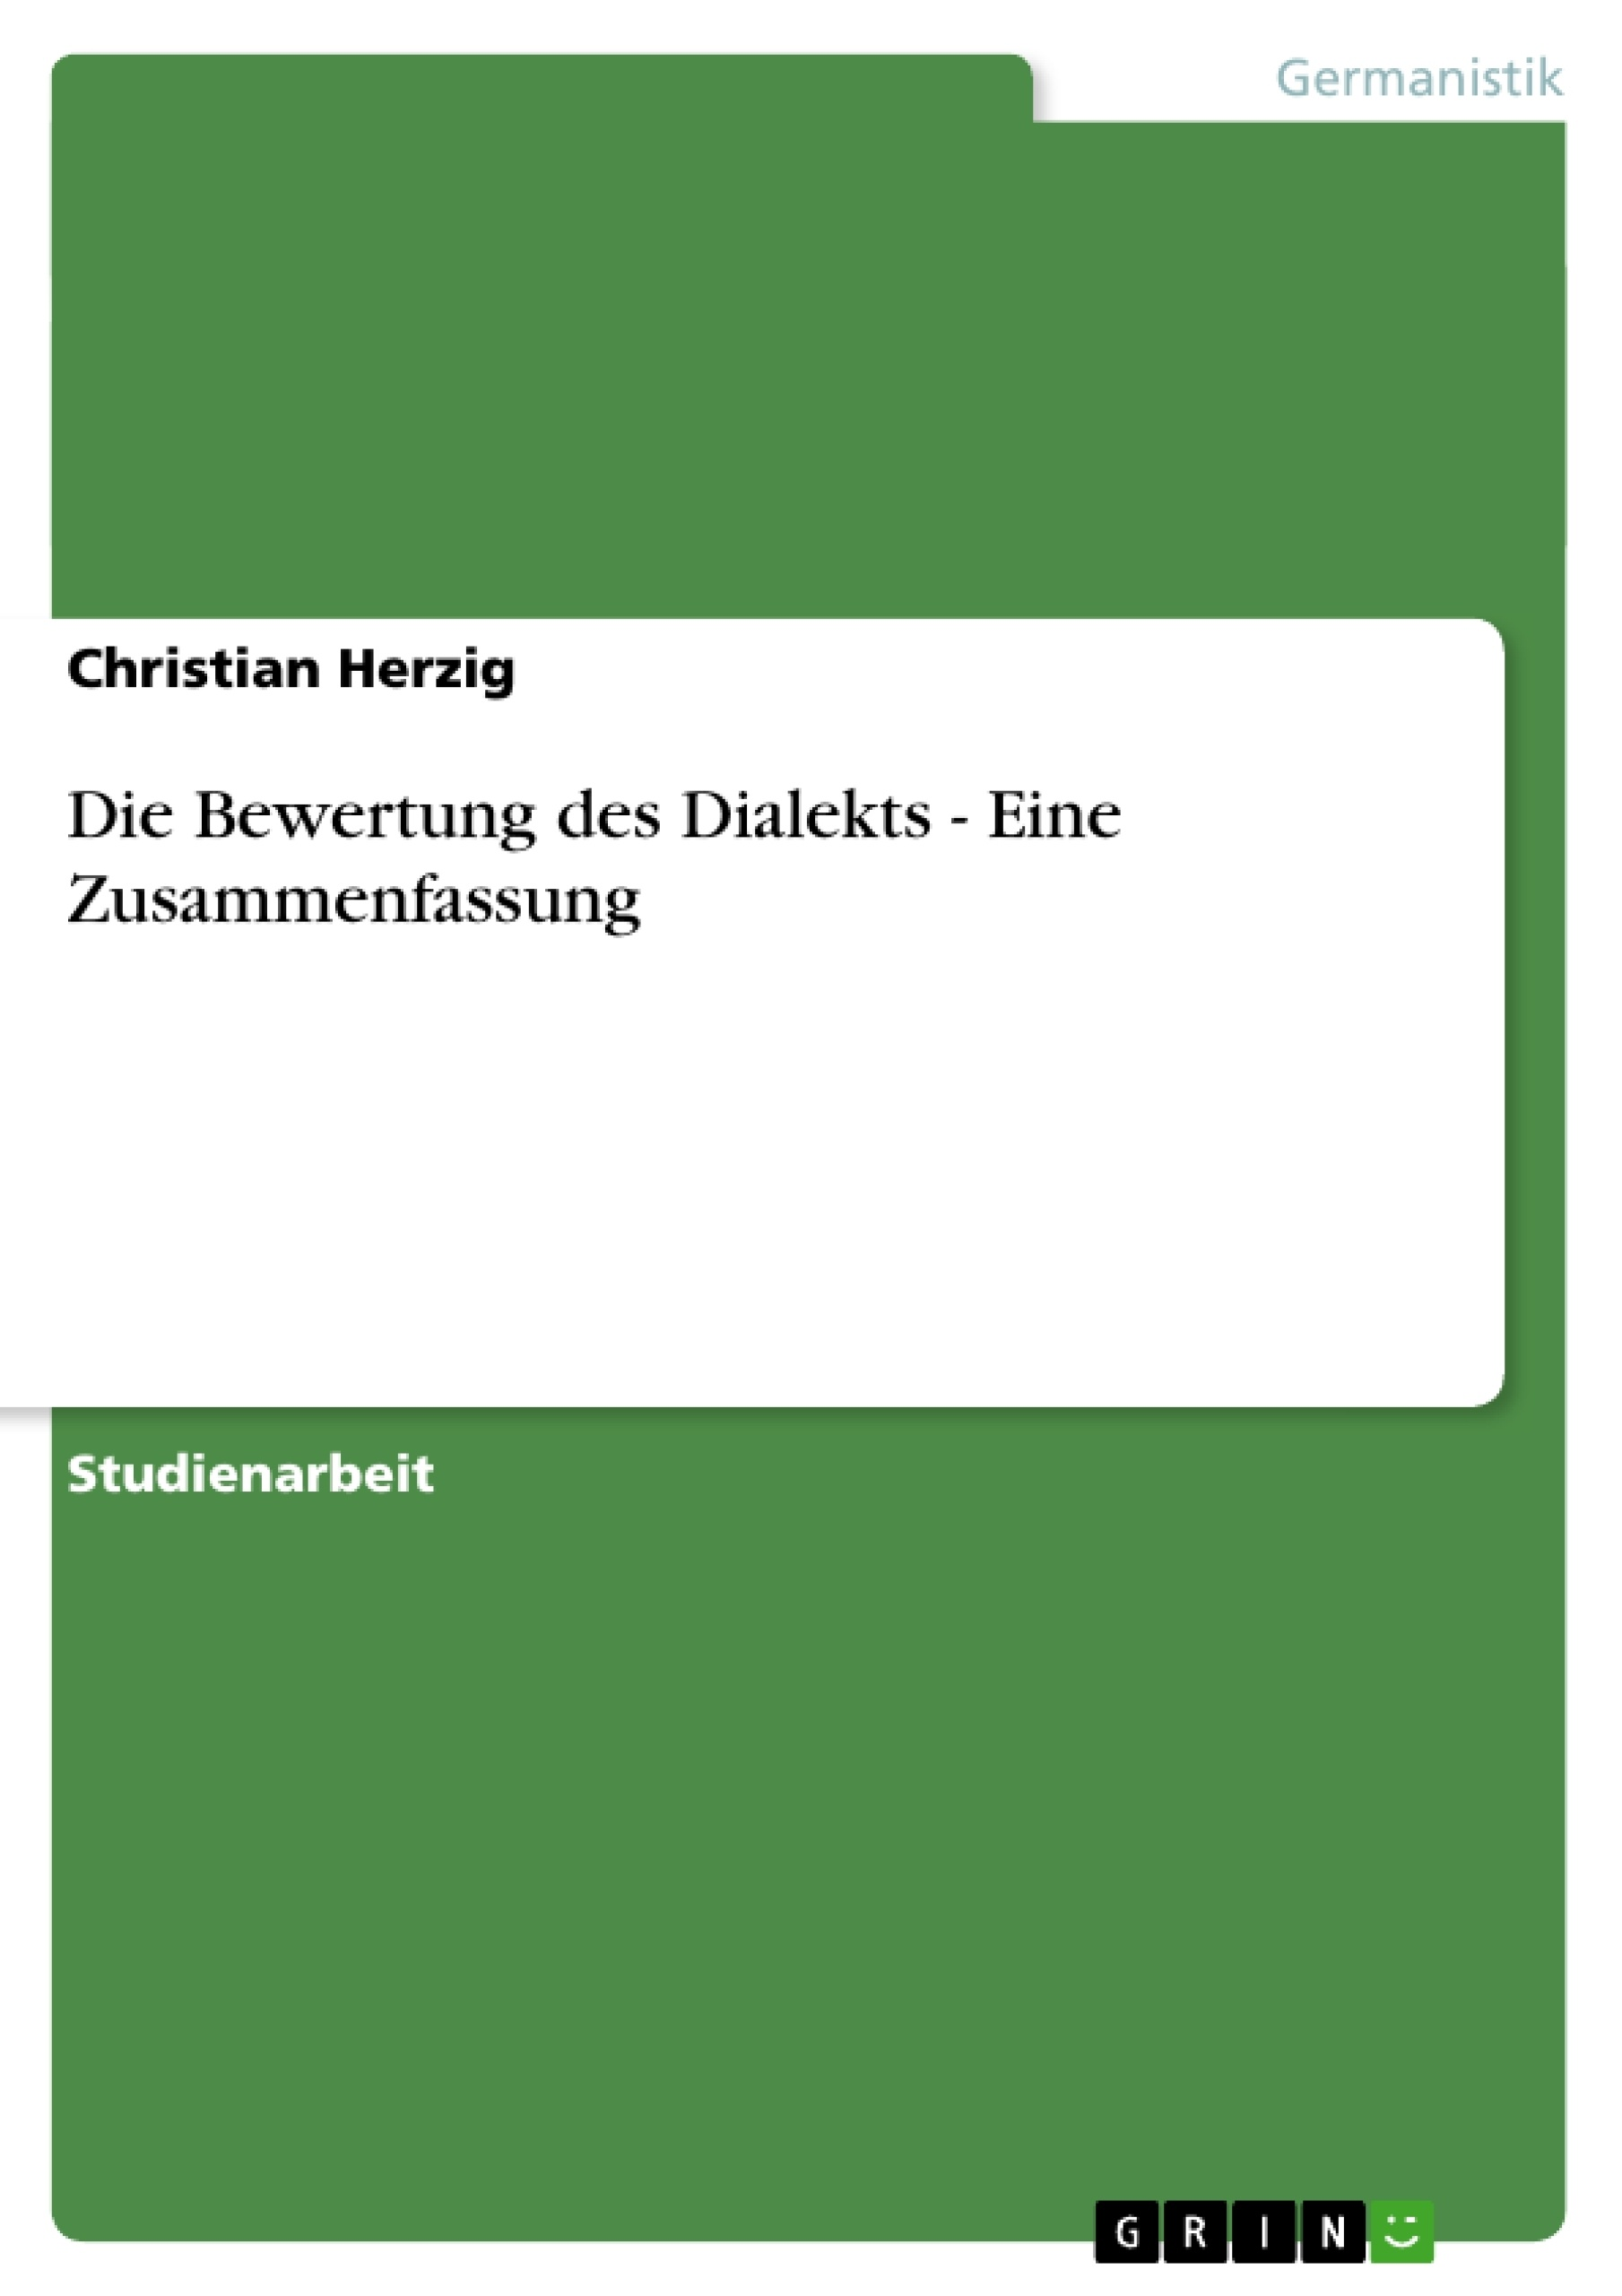 Titel: Die Bewertung des Dialekts - Eine Zusammenfassung